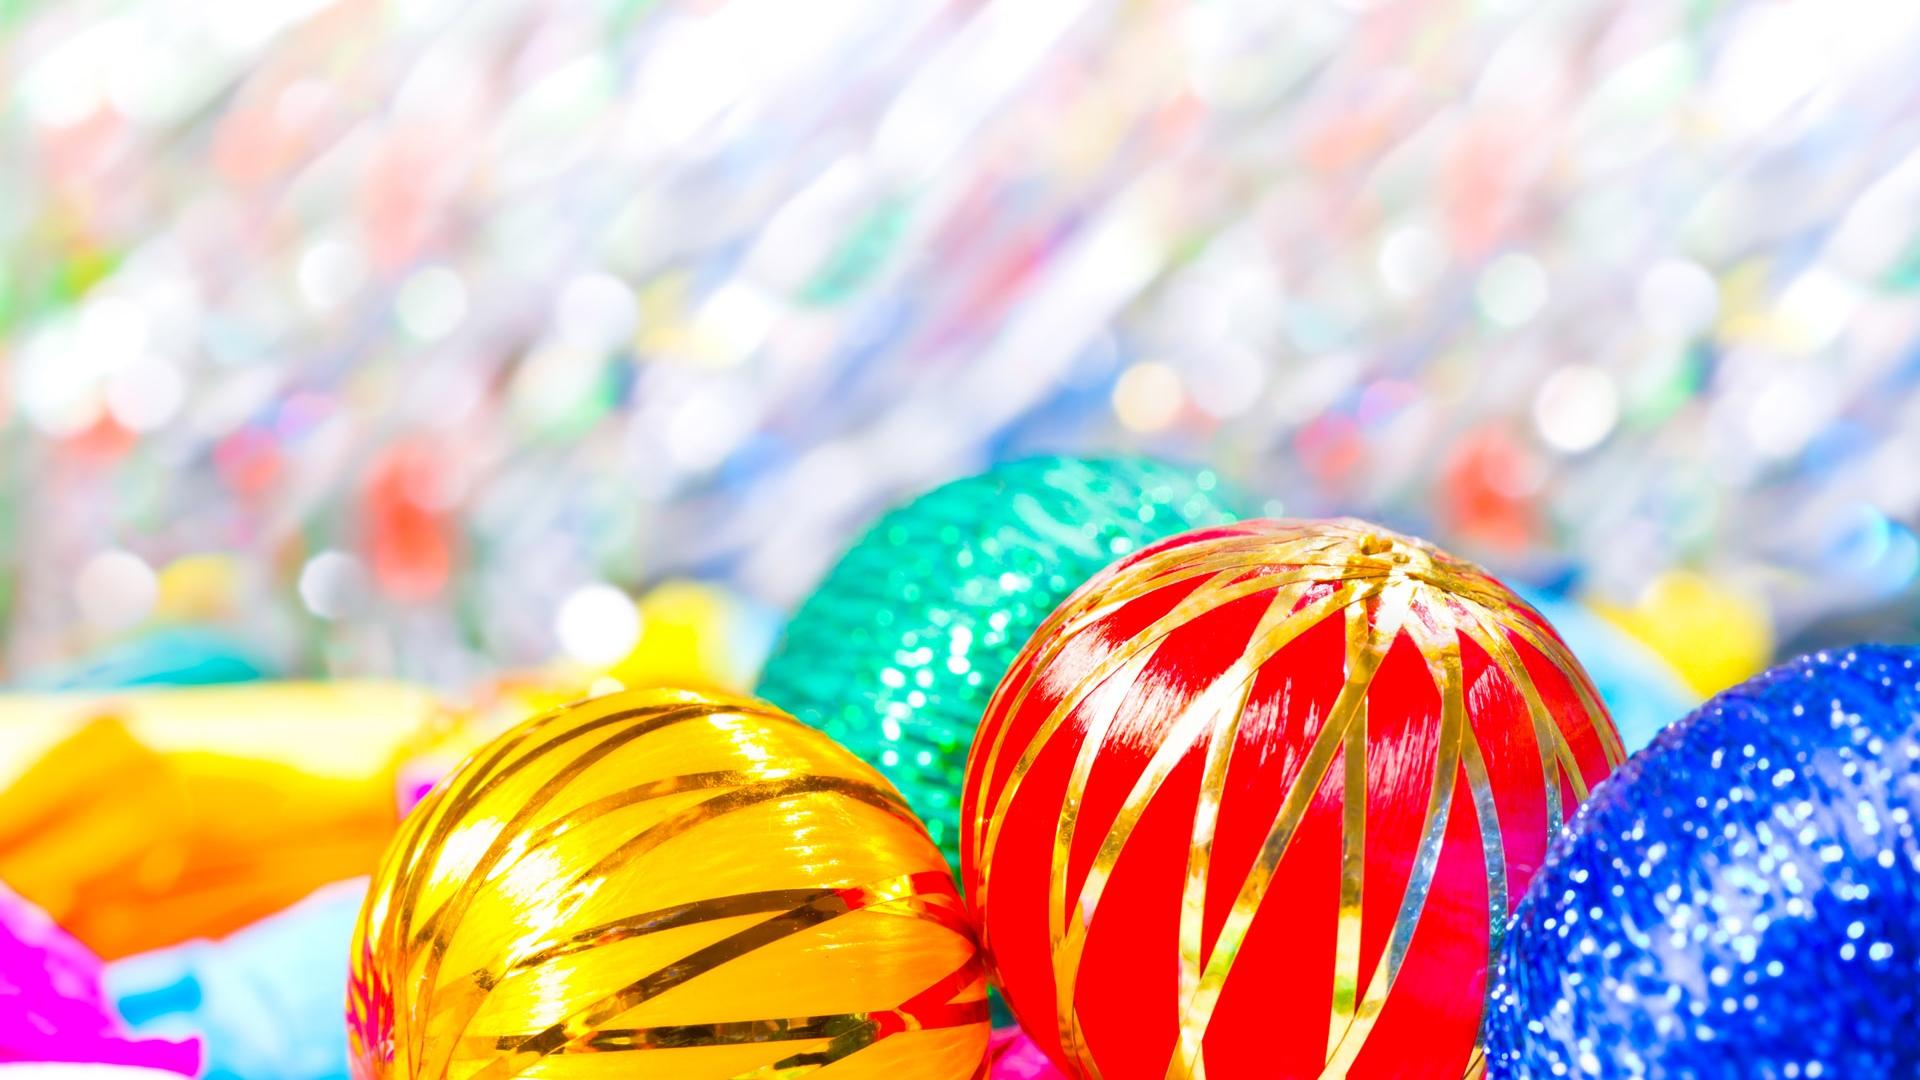 Огни цветные шарики  № 3561068 без смс